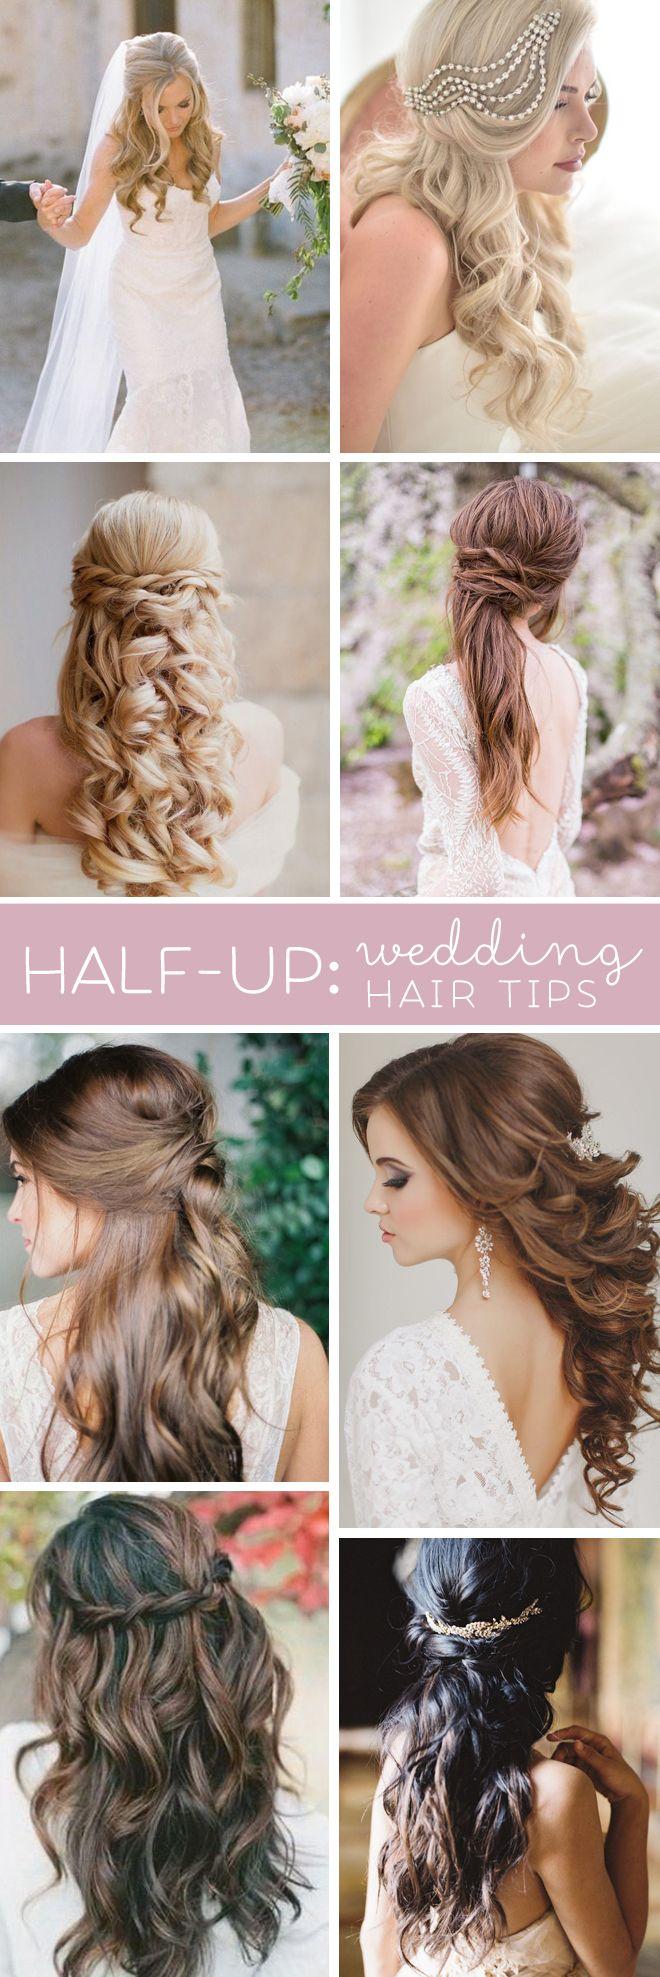 Superb 23 Stunning Half Up Half Down Wedding Hairstyles For 2016 Pretty Short Hairstyles Gunalazisus